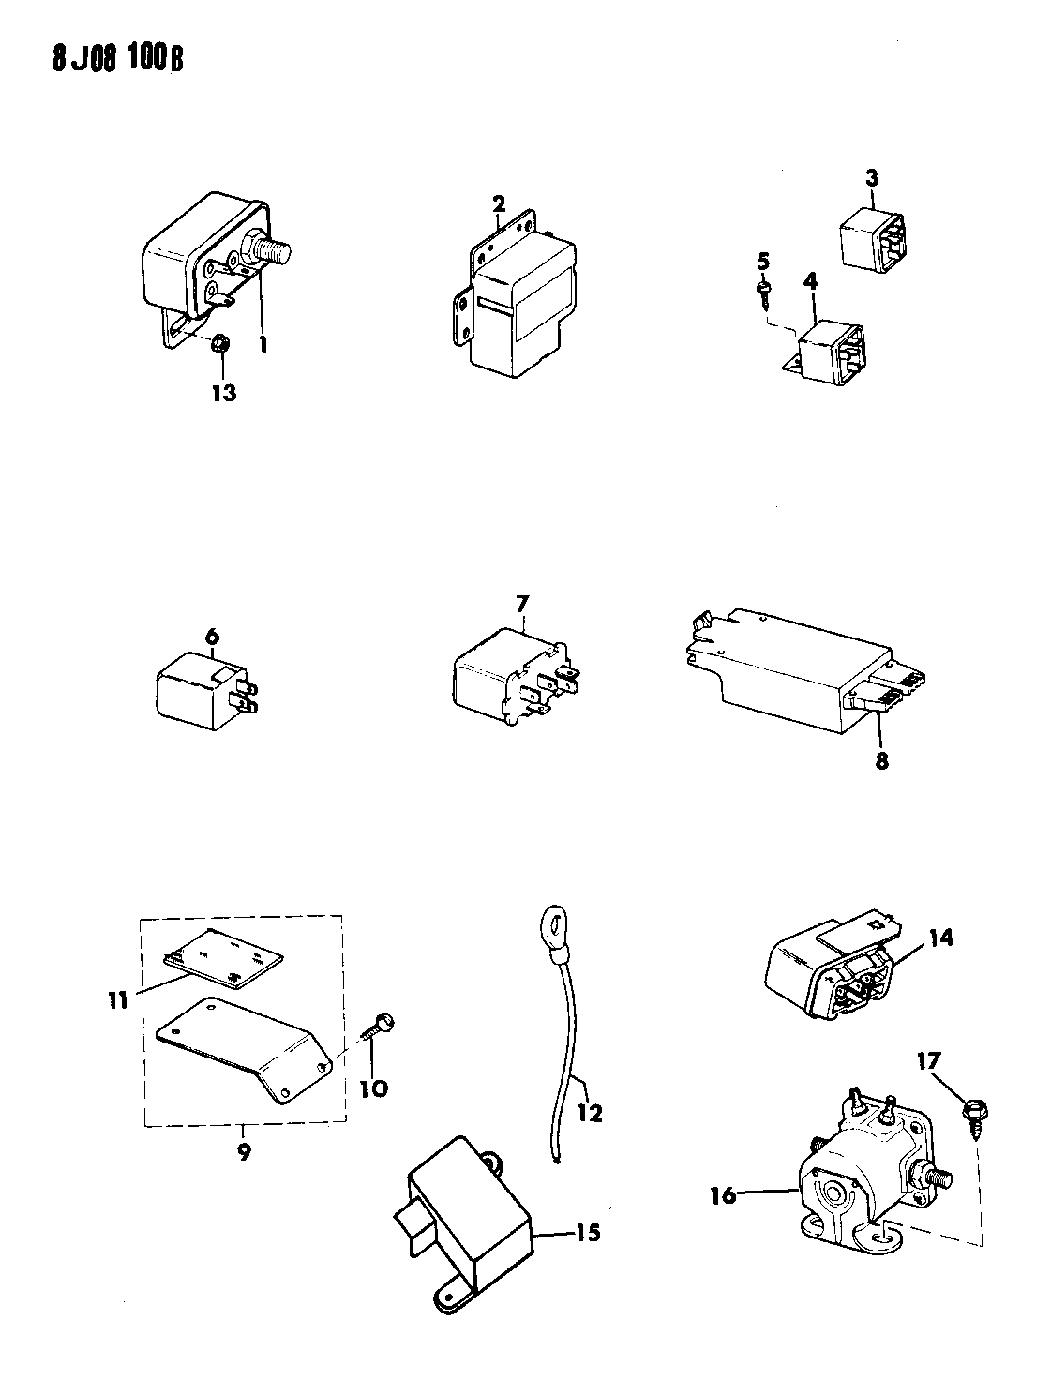 1990 Jeep Wrangler Relays